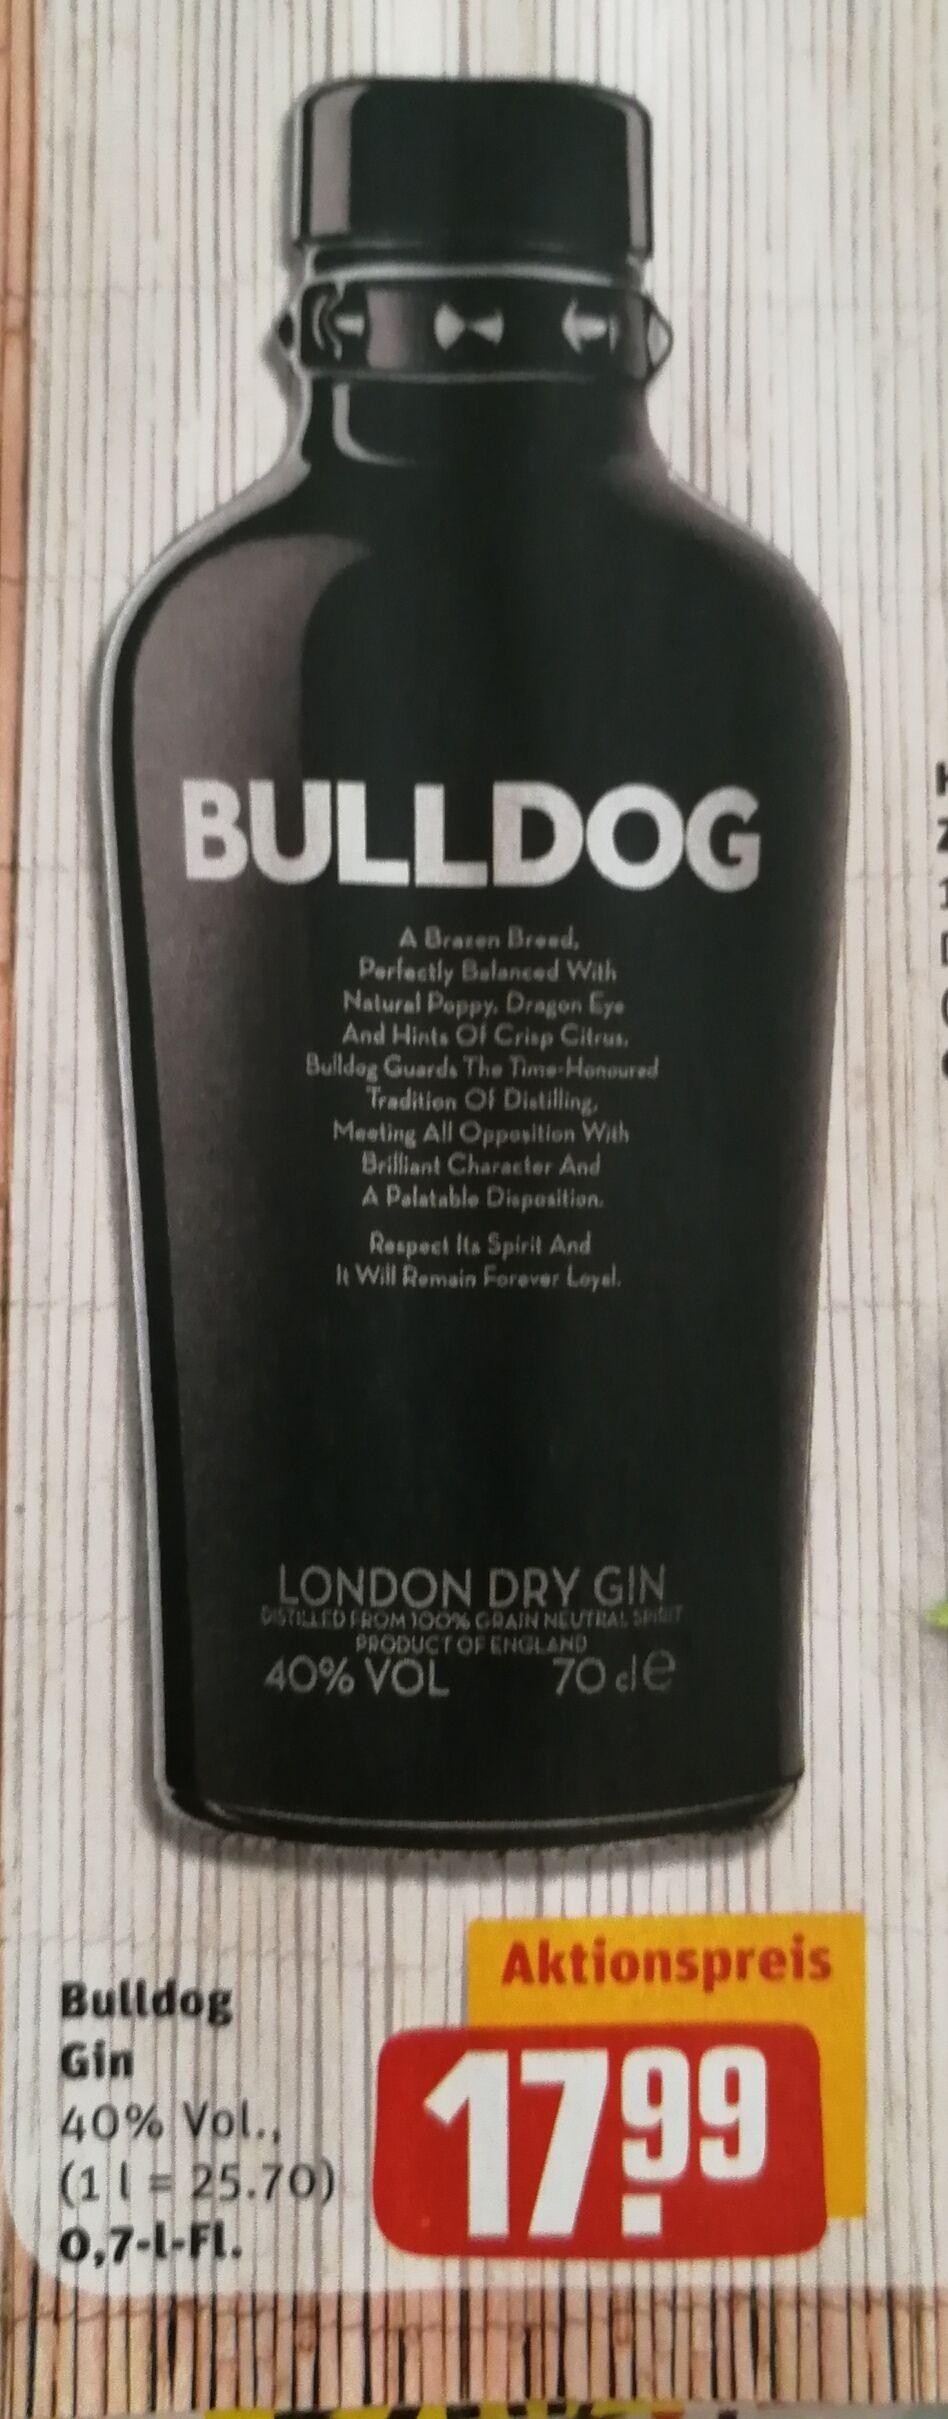 Bulldog Gin 0,7l bei Rewe